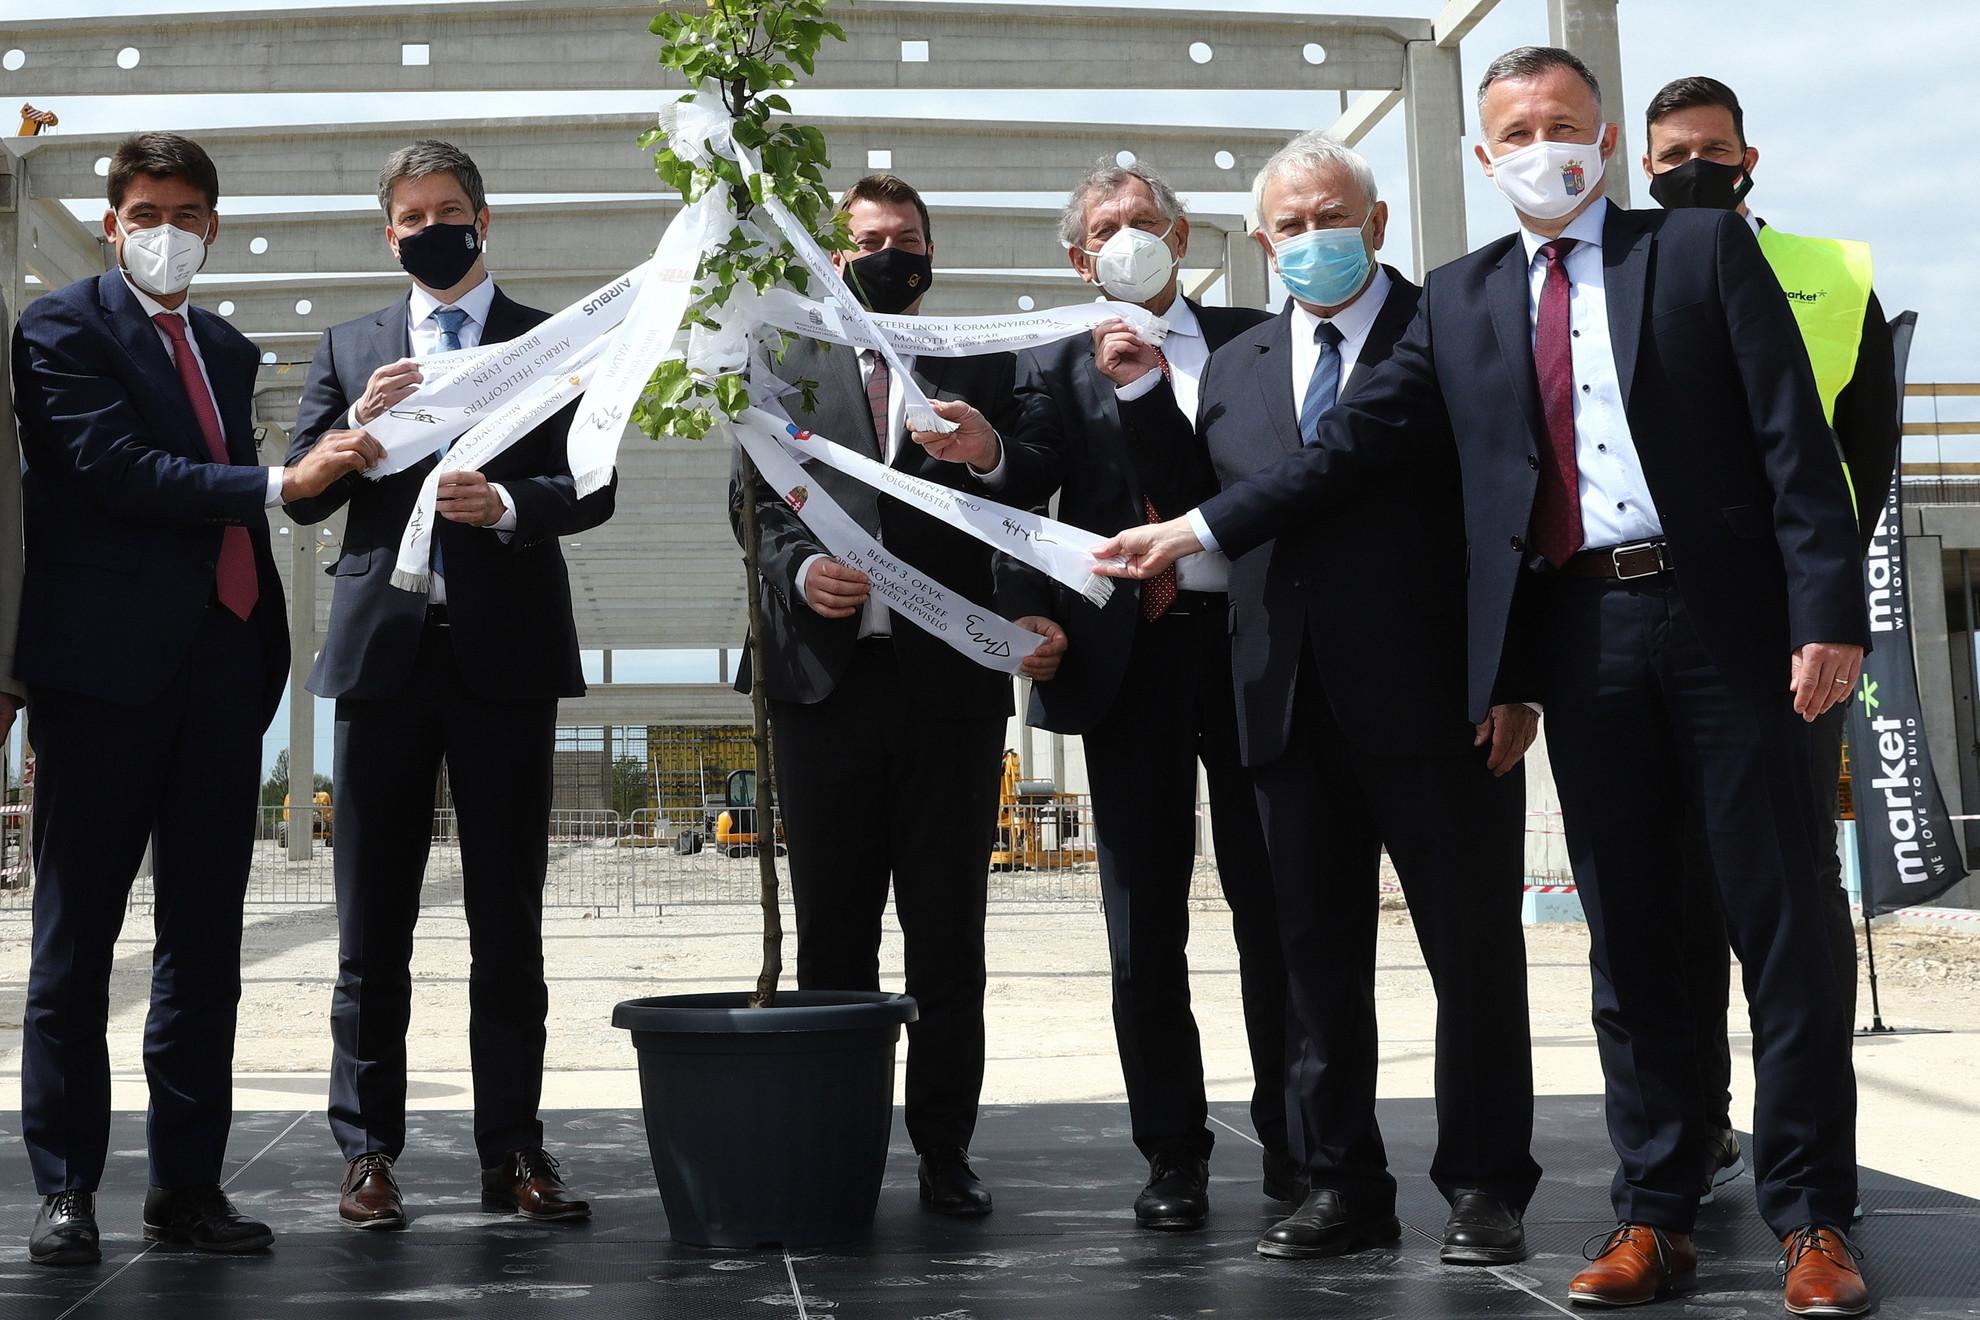 Balról jobbra: Bruno Even, az Airbus Helicopters ügyvezető igazgatója, Maróth Gáspár védelmi fejlesztésekért felelős kormánybiztos, Juhász Roland, a Miniszterelnöki Kormányiroda állami vagyongazdálkodásért felelős államtitkára, Lepsényi István, az Innovációs és Technológiai Minisztérium (ITM) miniszteri biztosa, Kovács József (Fidesz), a térség országgyűlési képviselője, Görgényi Ernő (Fidesz-KDNP), Gyula polgármestere és Kiss István, a generálkivitelező Market Építő Zrt. vezérigazgatója az Airbus Helicopters Hungary épülő alkatrészgyártó üzeme bokrétaünnepségén Gyulán 2021. május 6-án. A több mint 13 ezer négyzetméter alapterületű, 25 milliárd forint értékű gyárban a tervek szerint jövő tavasszal indul a gyártás, több mint kétezerféle precíziós alkatrészt gyártanak majd, a közeljövőben több mint 200 magasan képzett szakembernek adva munkát